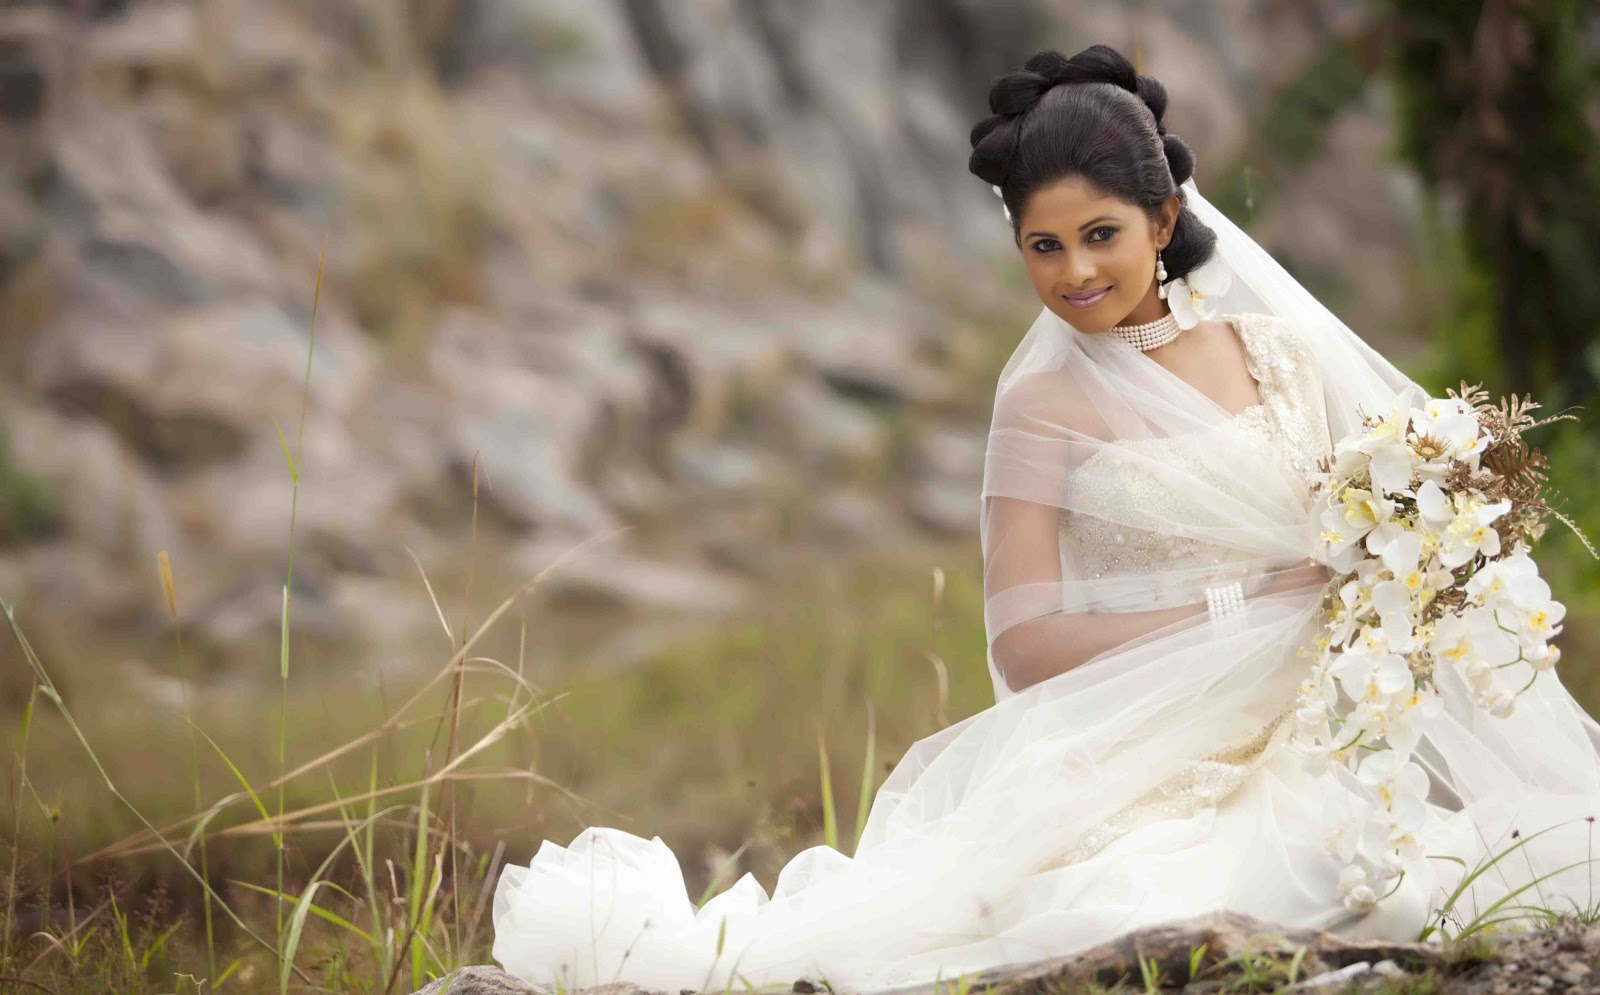 Sri Lanka Bridal Model Fashion Photos Sri Lankan Wedding Photo